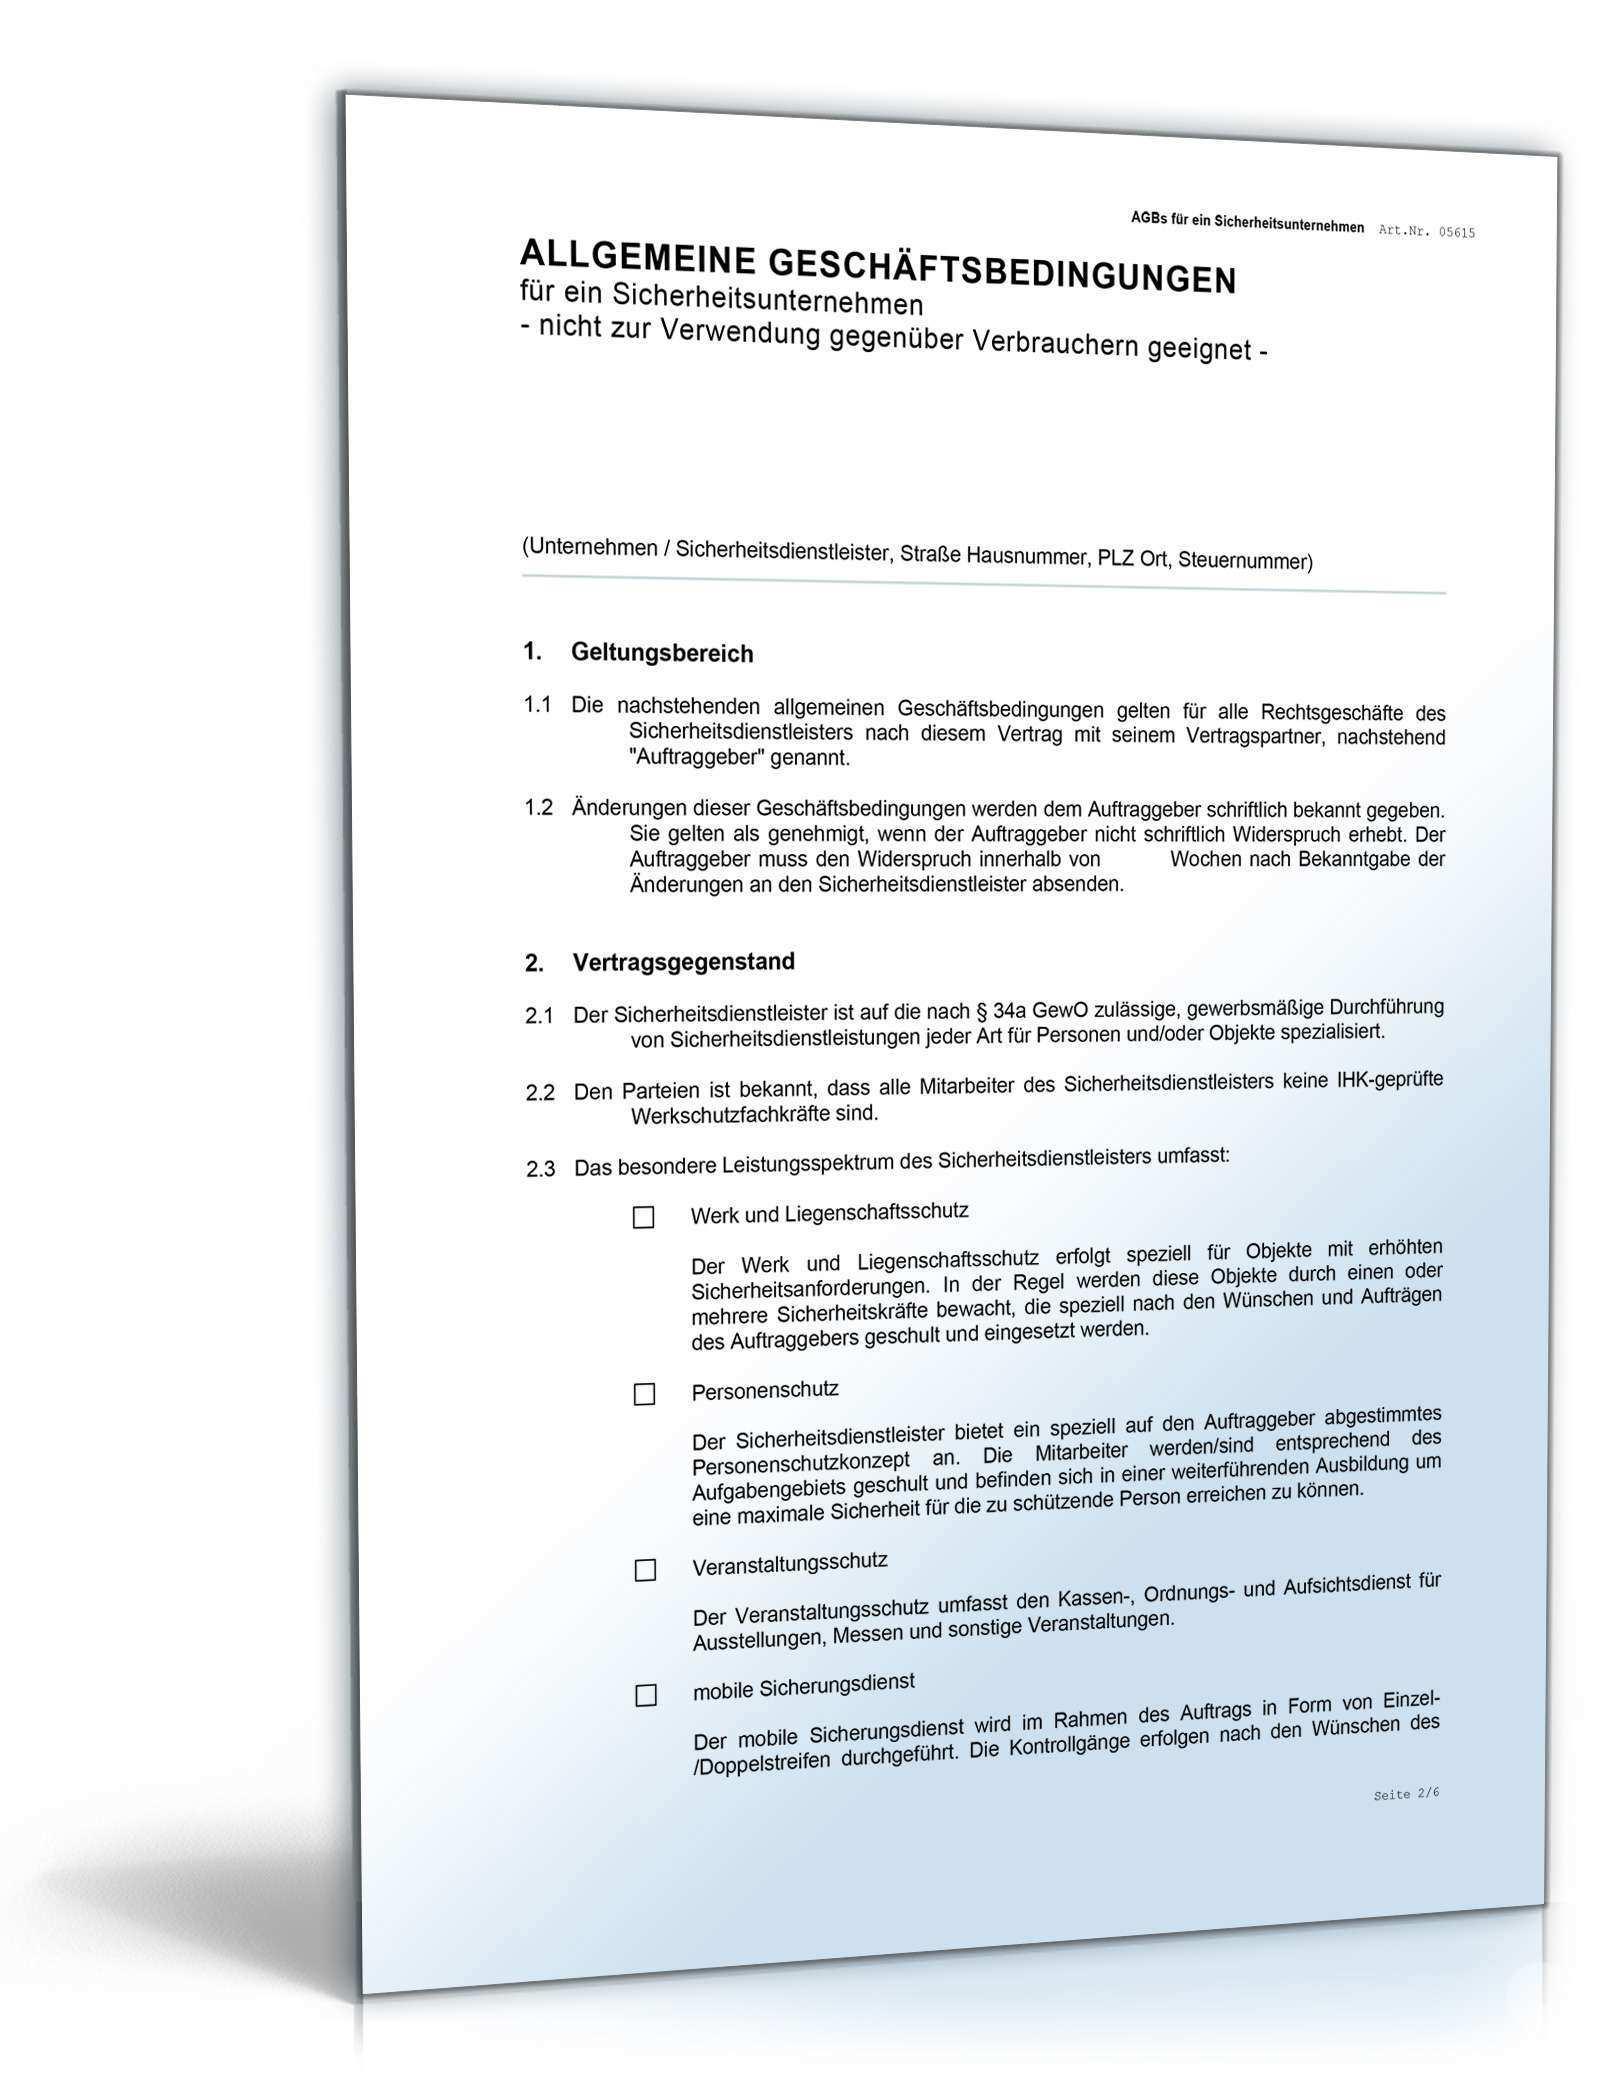 Agb Sicherheitsunternehmen Rechtssicheres Muster Zum Download